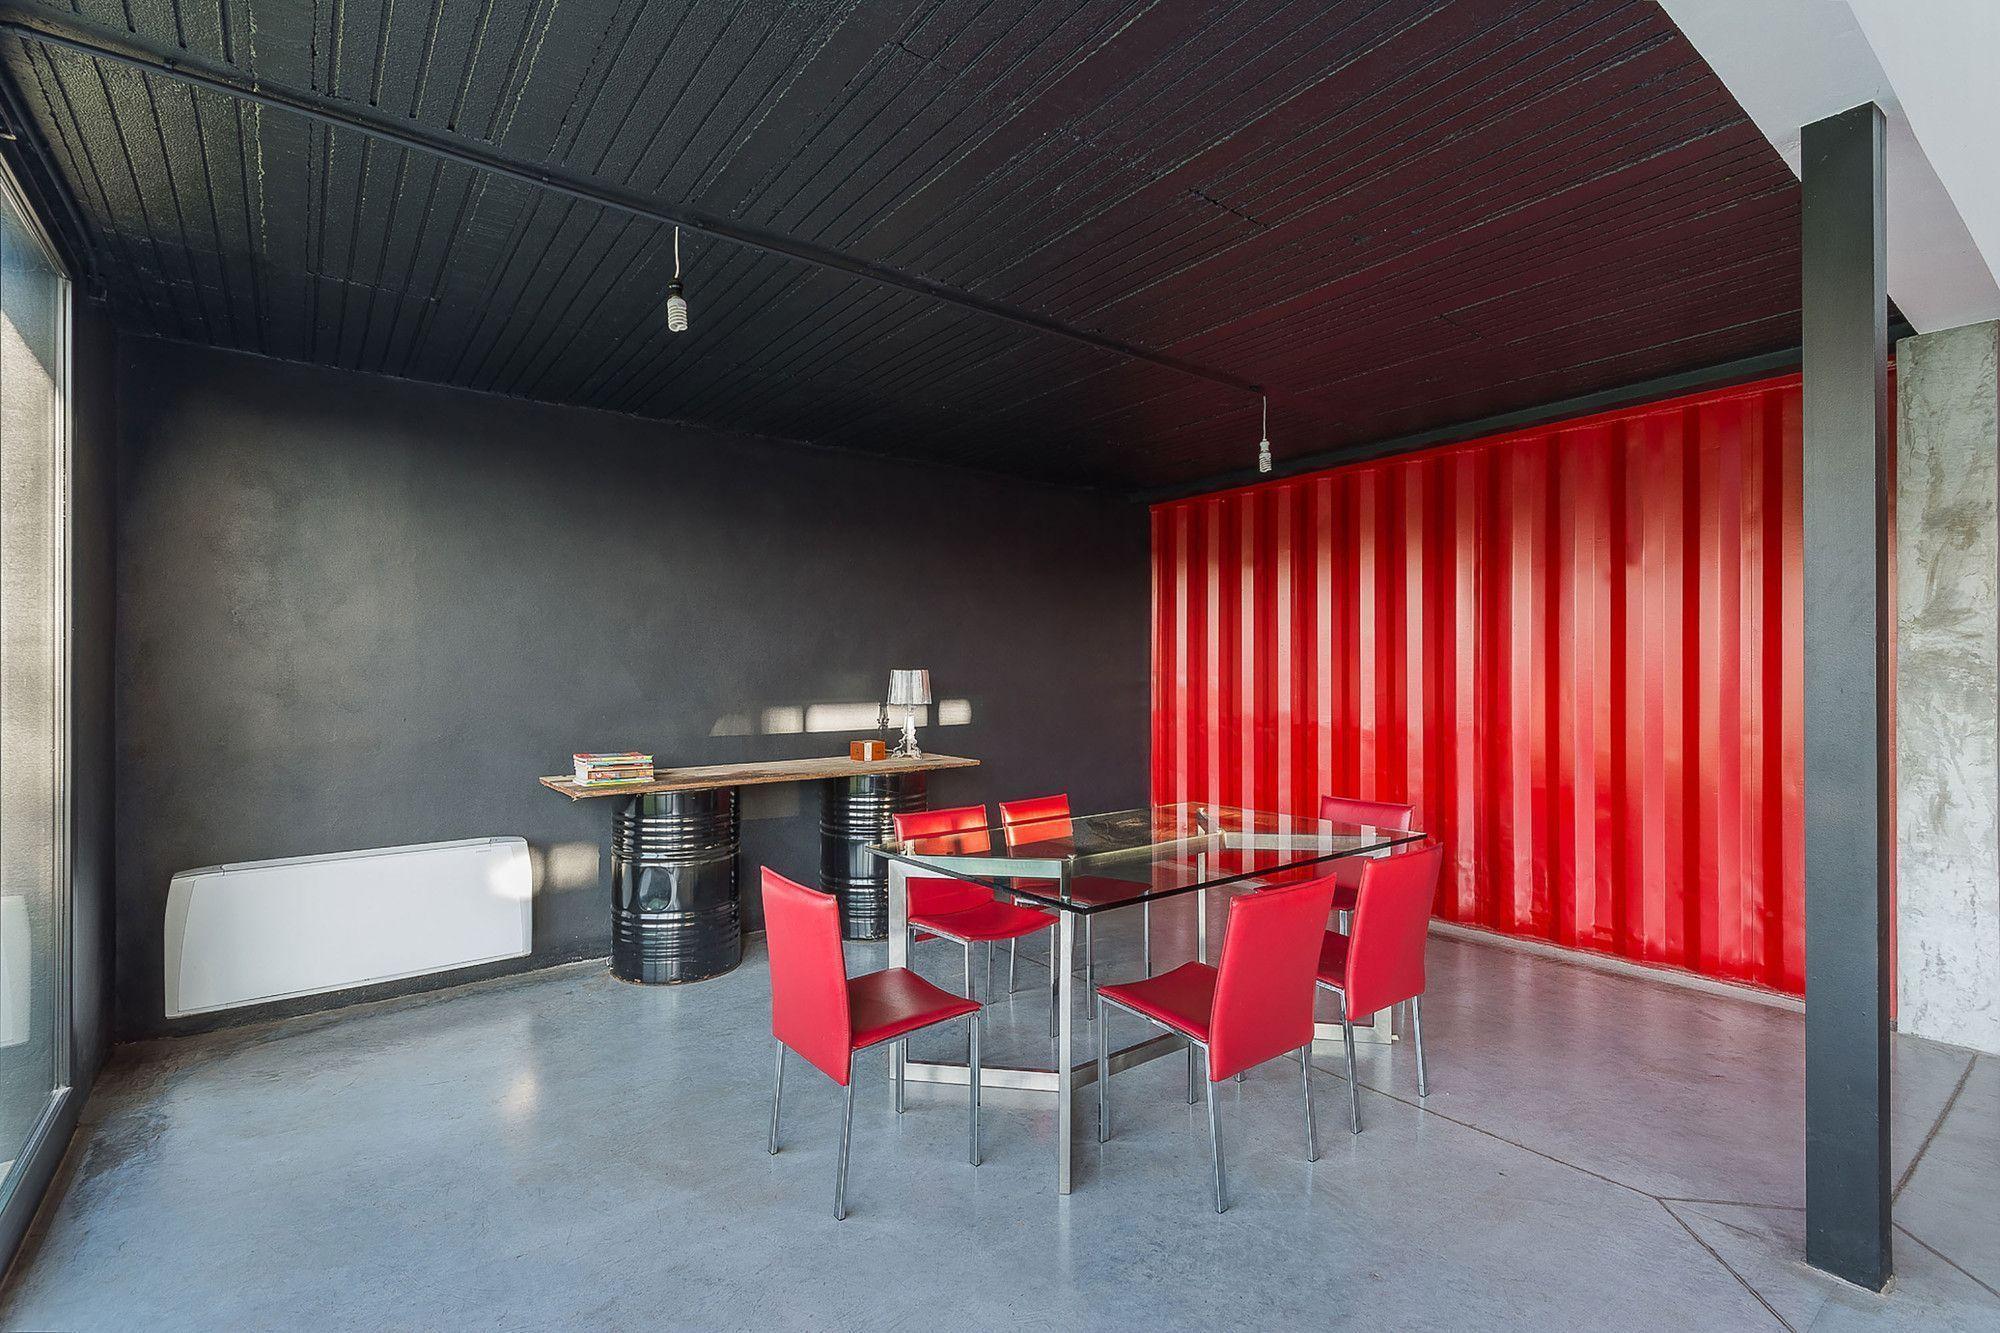 #B01B22 Casa container: 90 fotos com projetos fornecedores e preços 2000x1333 px sonhar banheiro grande